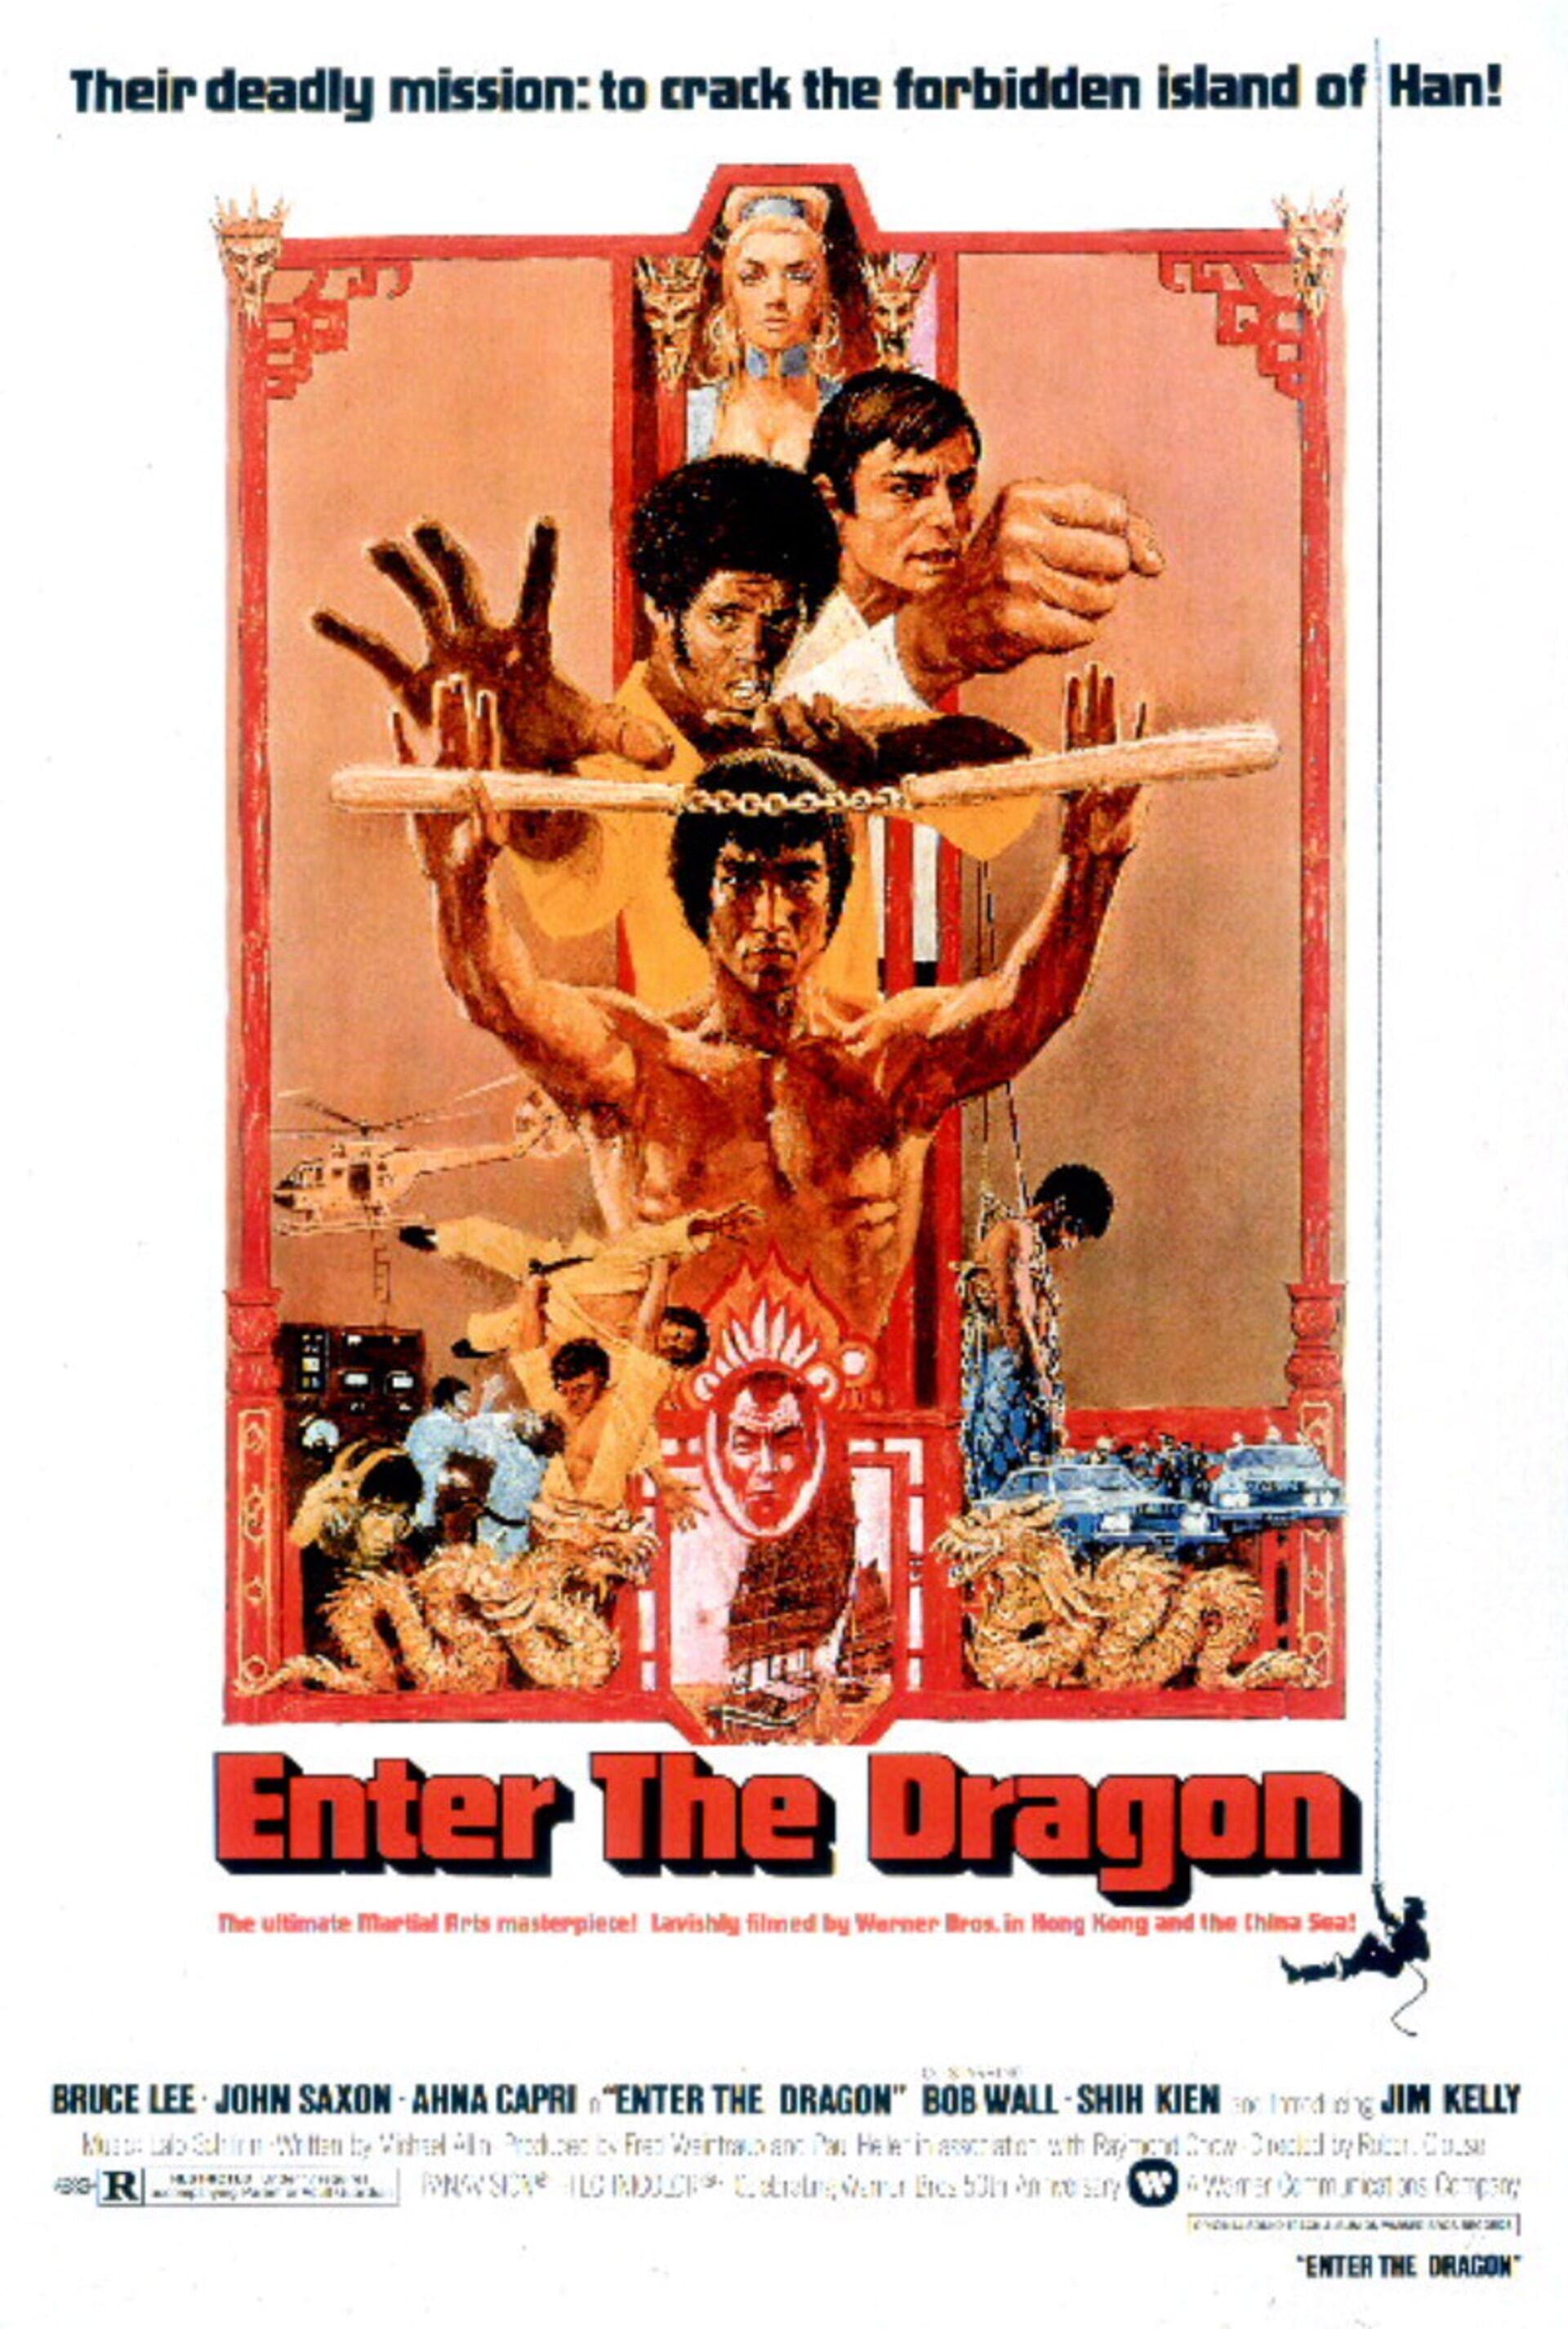 Enter the Dragon - Poster 1